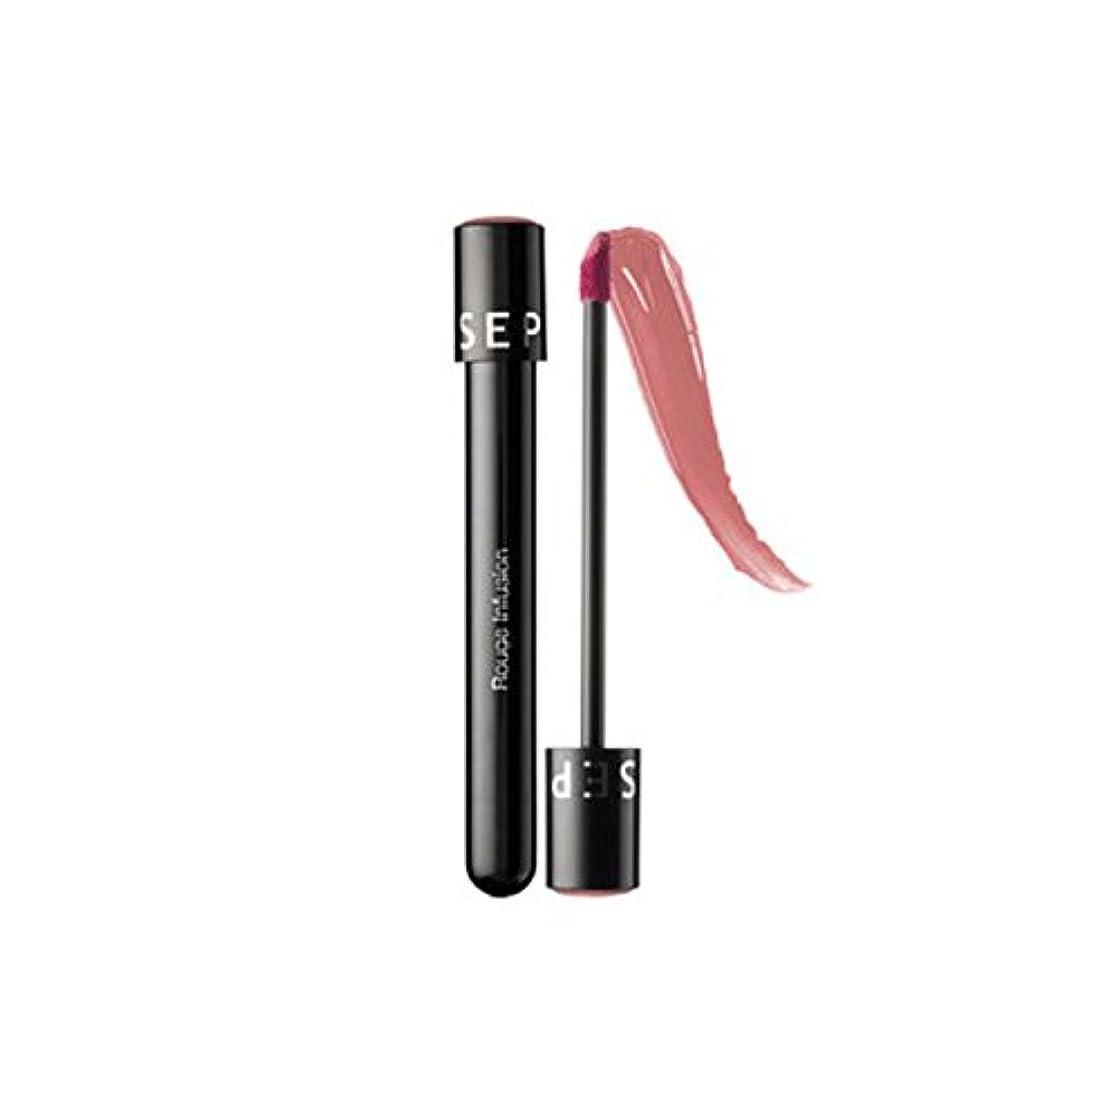 警察署プレゼンバングSEPHORA COLLECTION ルージュリップステイン輸液- Rosebud, Rouge Infusion Lip Stain, 0.152 oz / 4.3g [並行輸入品] [海外直送品]